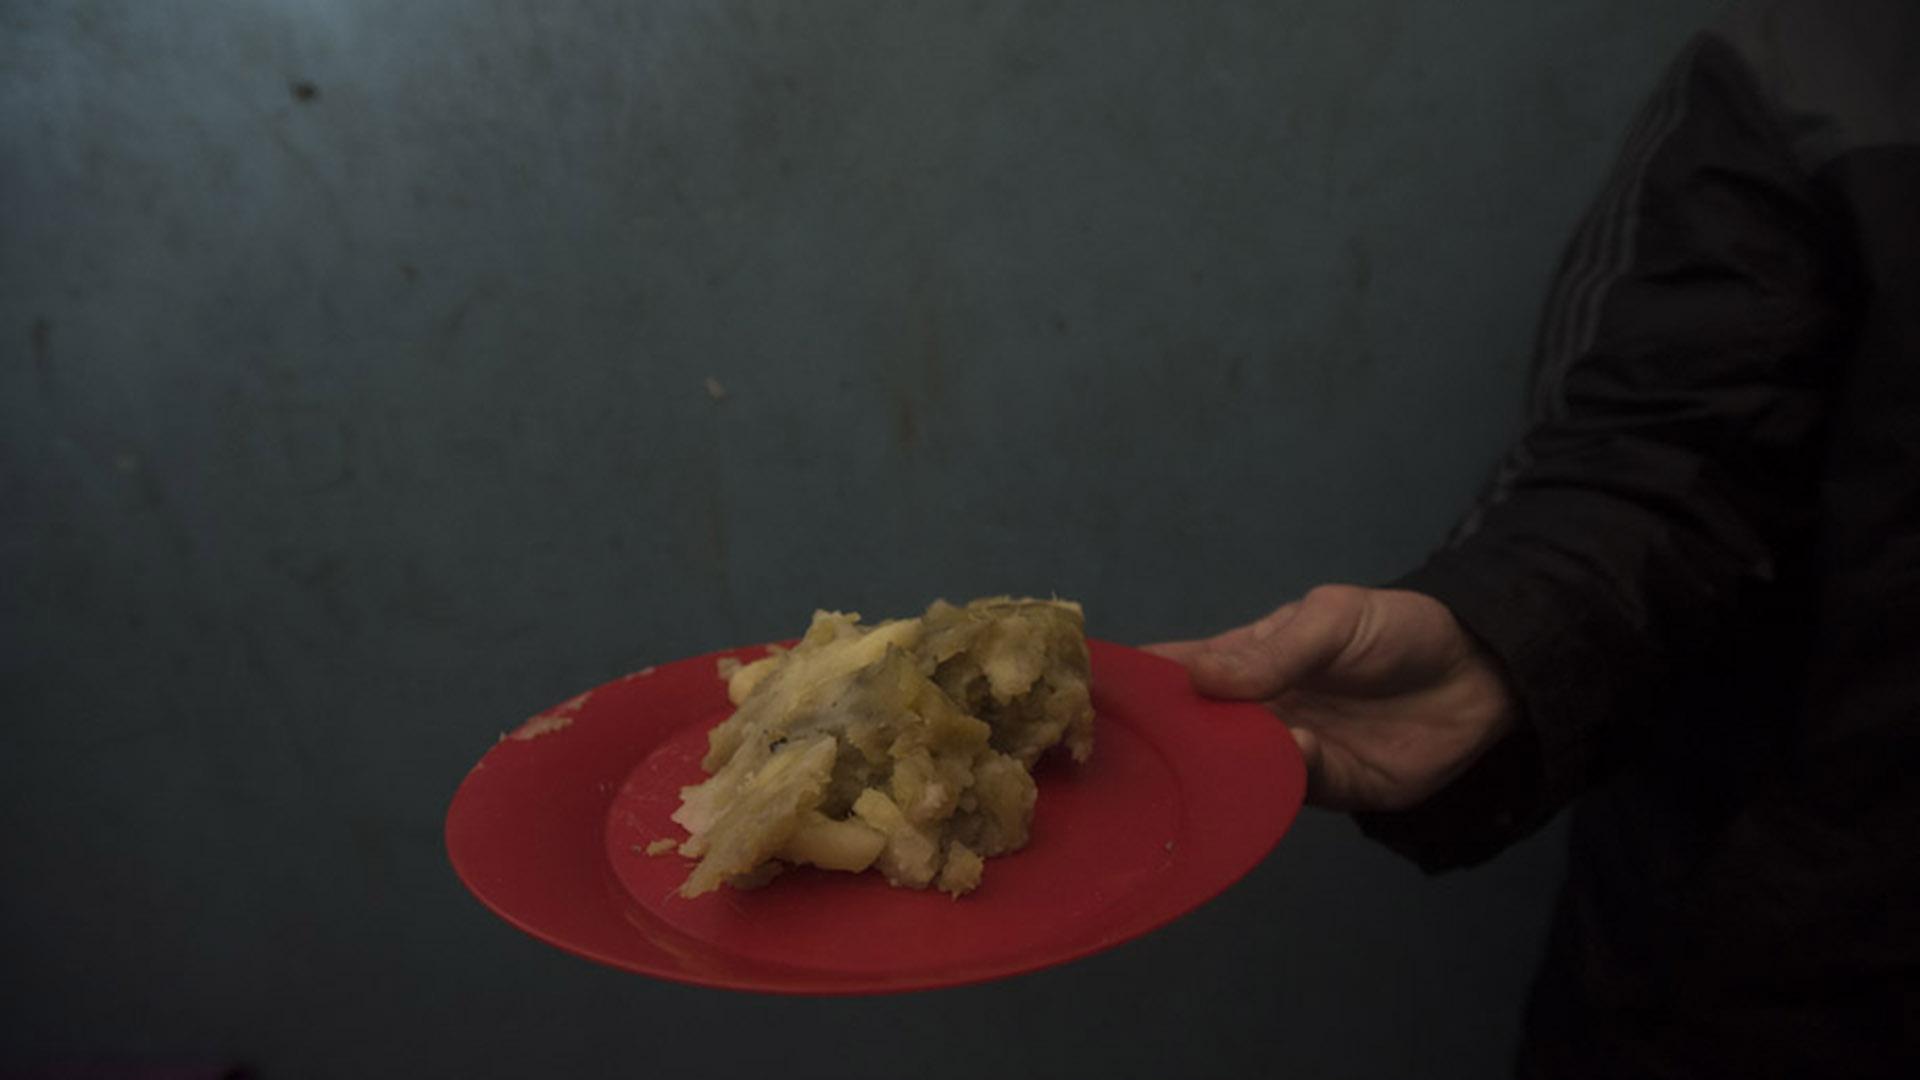 La comida carcelaria es un foco de sospecha para la Procuración, que podría generar una causa por corrupción.